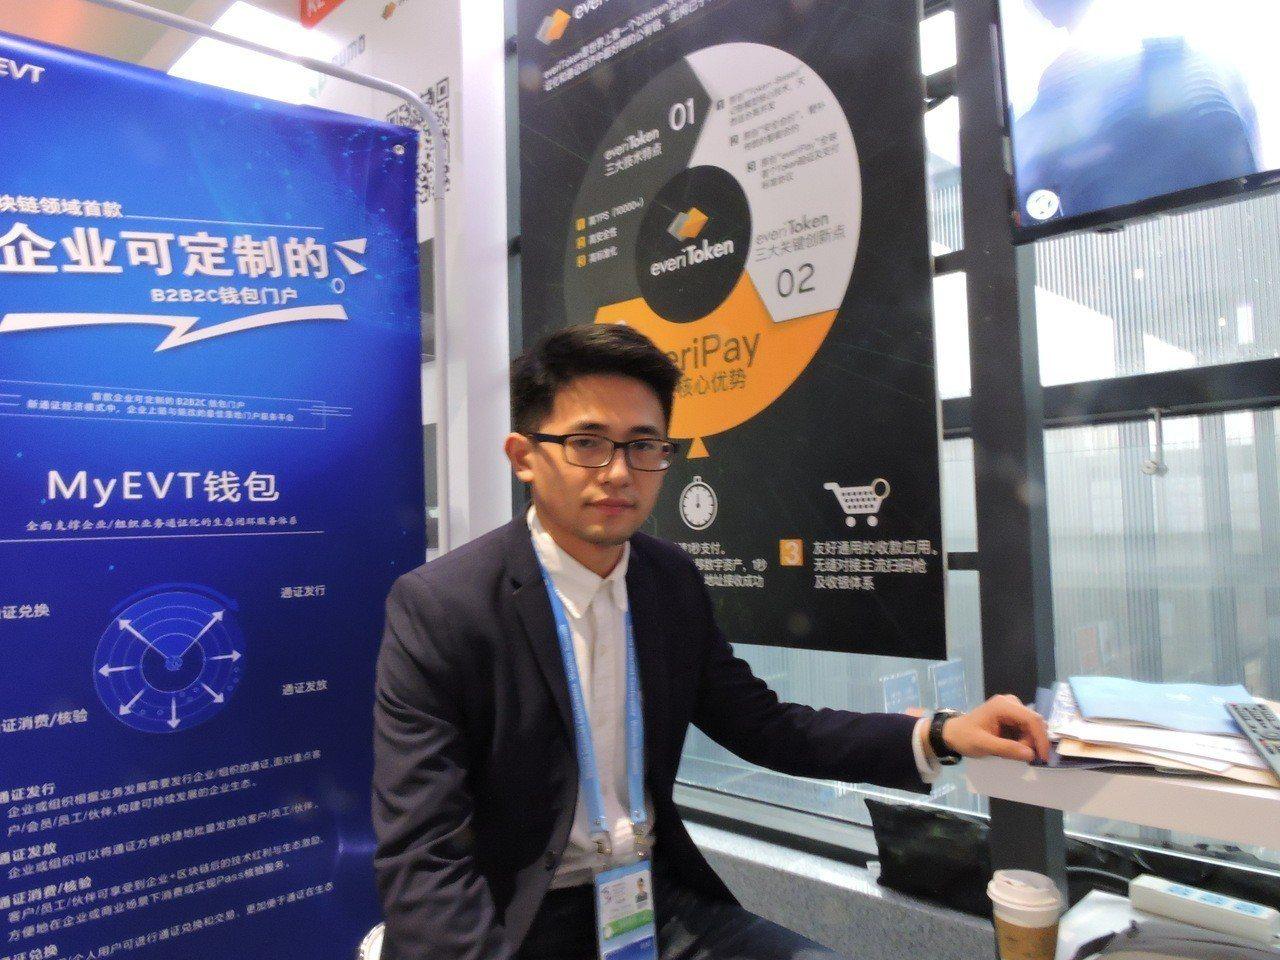 世界互聯網大會發表全球第一個通證公有鏈,宇鏈科技營運長(CMO)鄭曉峰指出,通證...